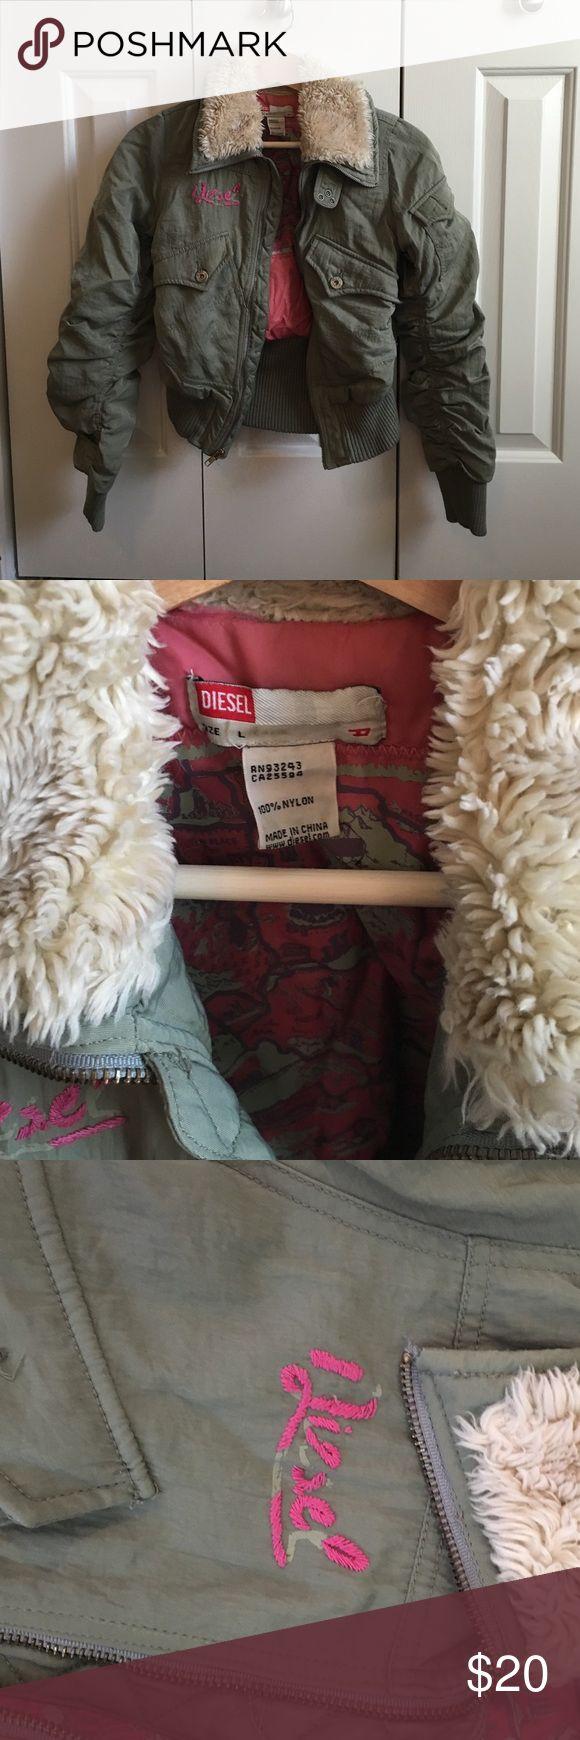 Girls Diesel coat Size L girls fur lined cropped coat. Diesel Jackets & Coats